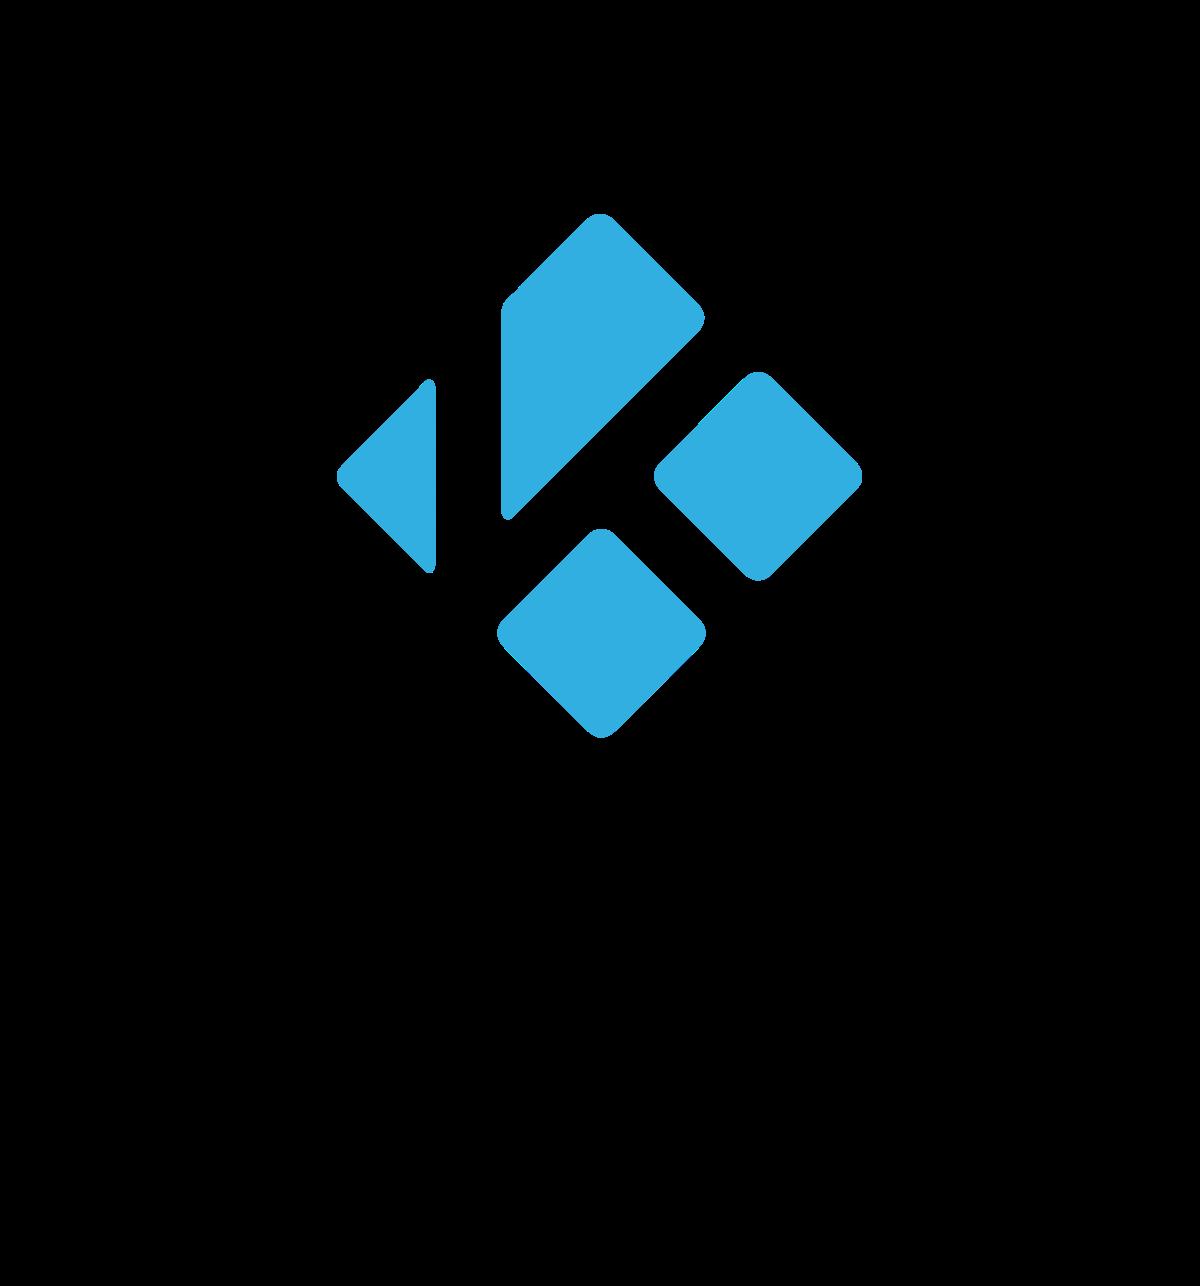 Accéder à son mediacenter Kodi dès le démarrage du PC avec Launcher4Kodi